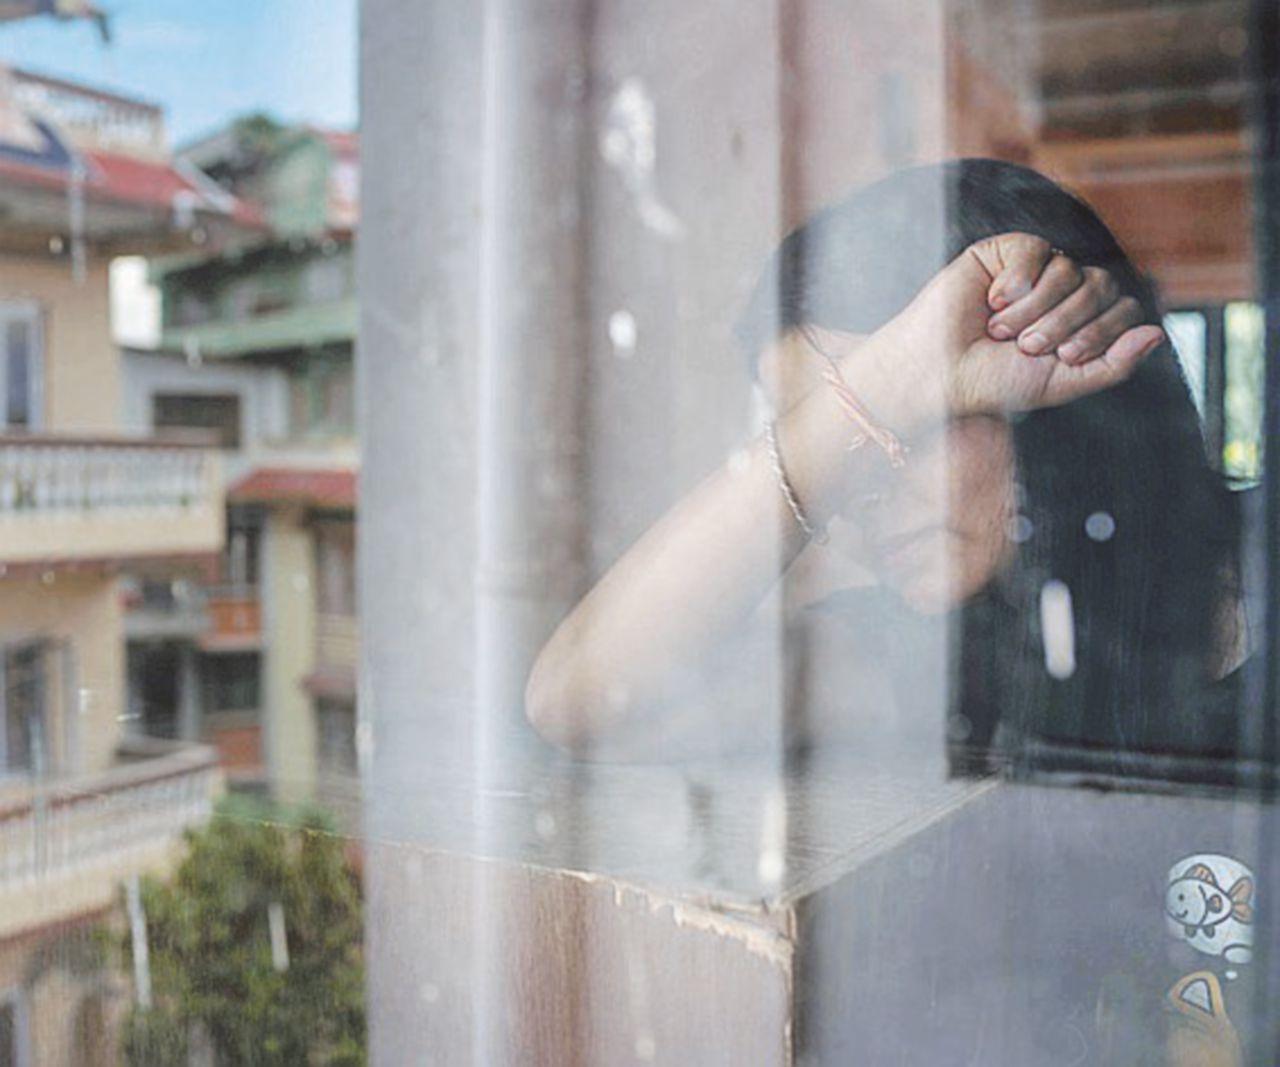 Venduta e segregata in casa per 4 anni. Ragazzina salva con la chat della app